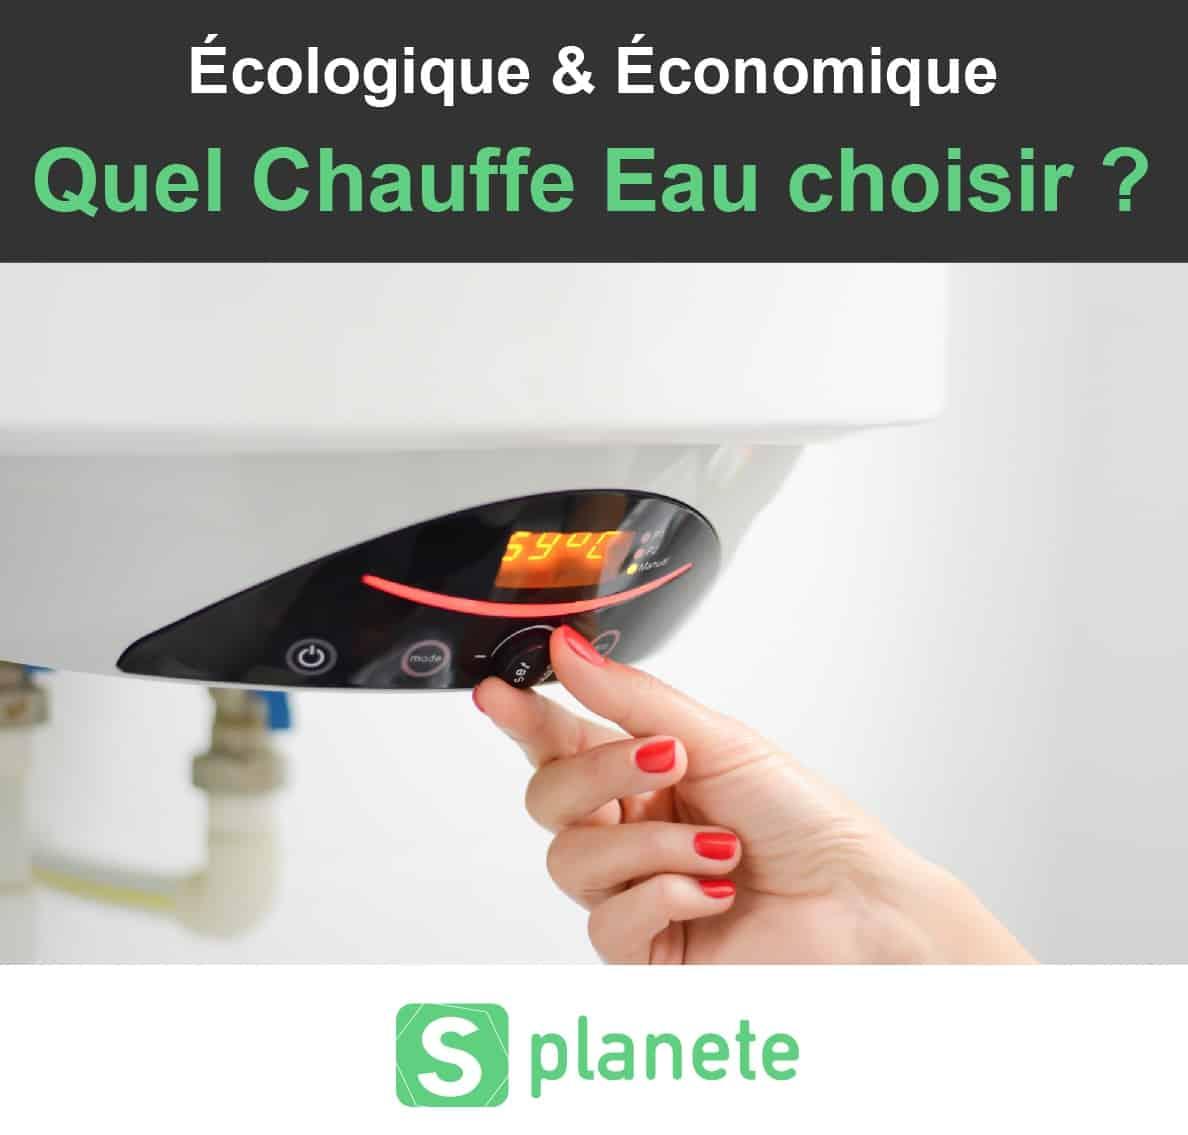 Quel Chauffe Eau Choisir ?